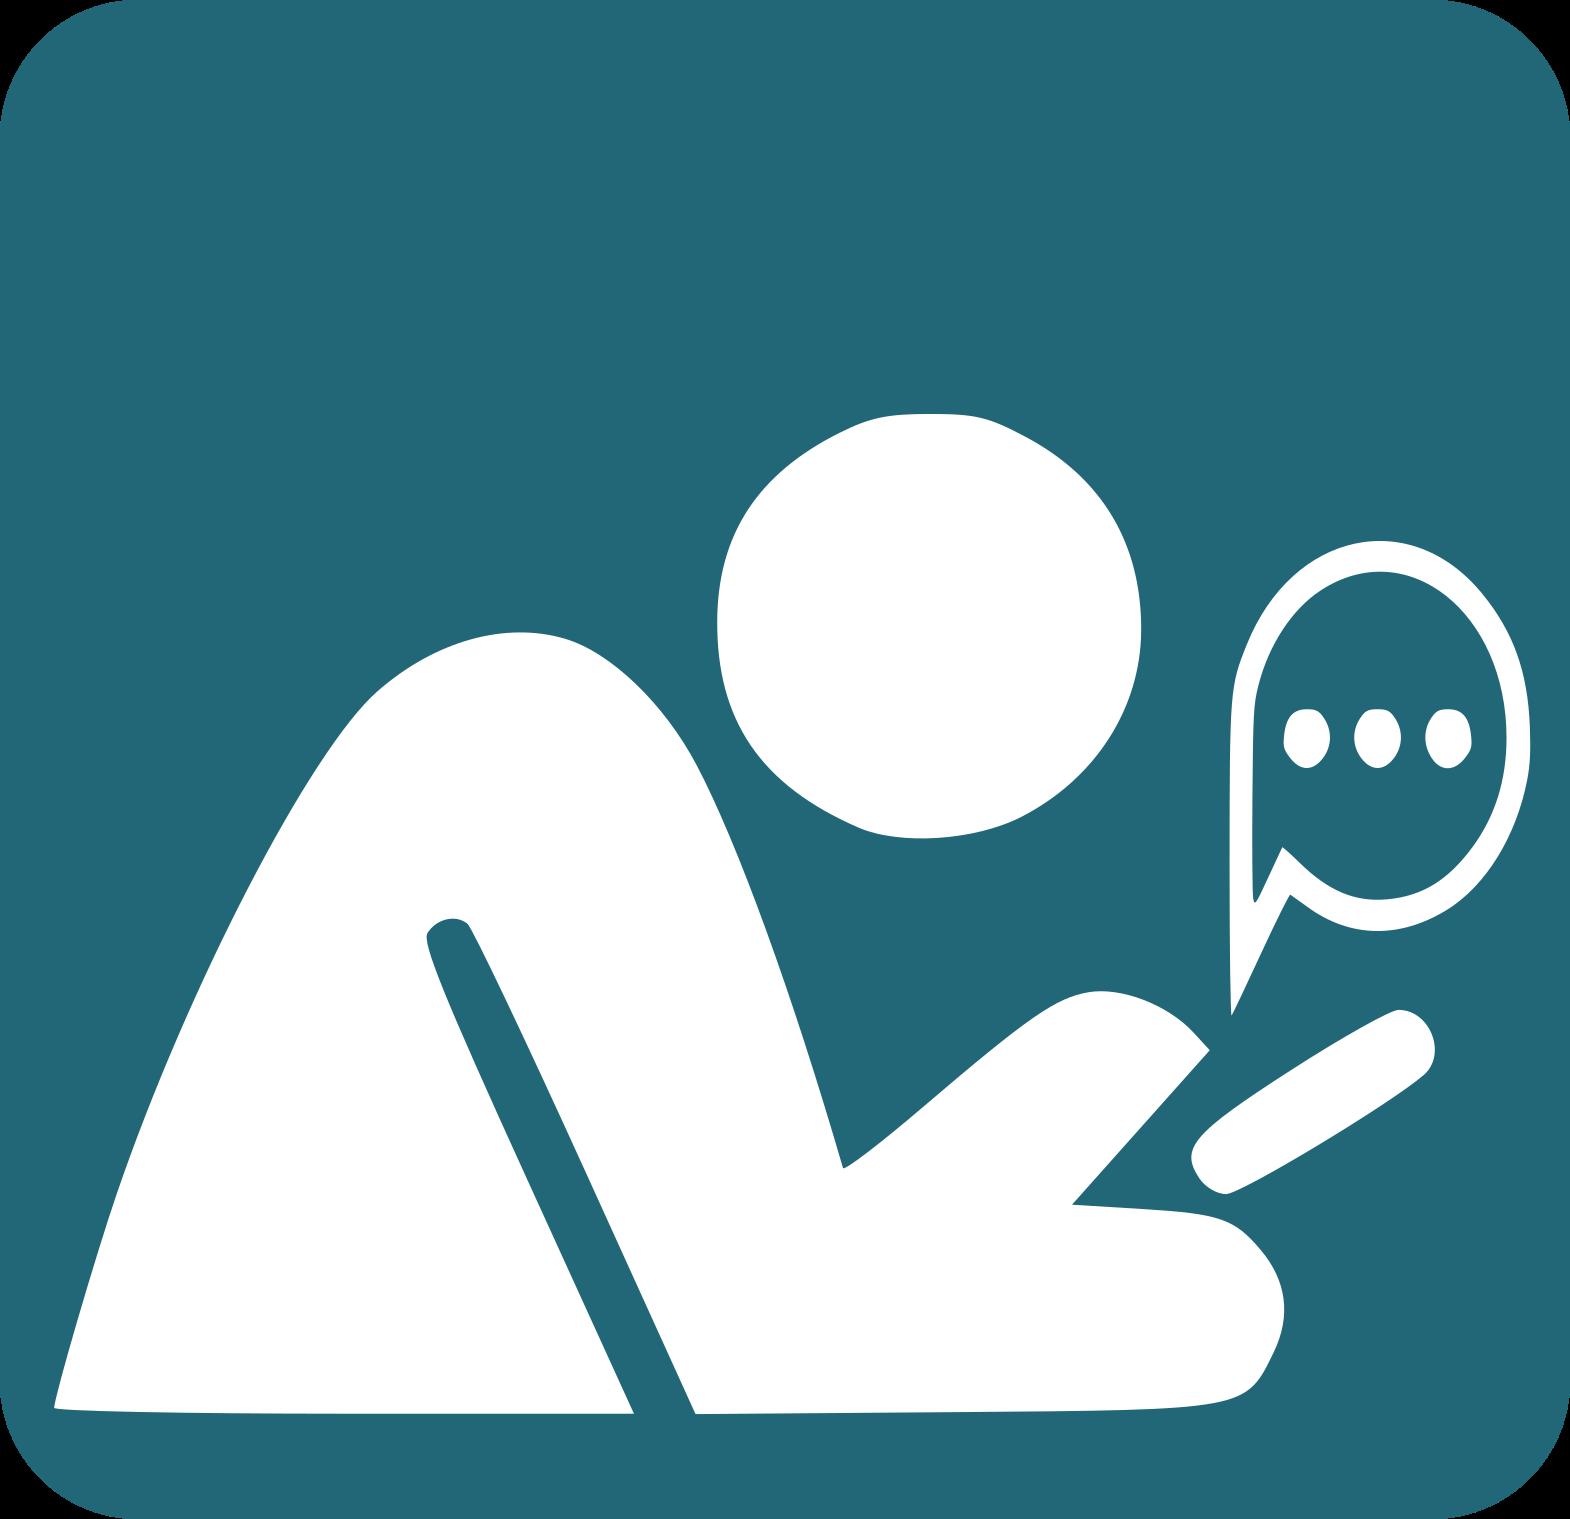 Icona consulta mòbil